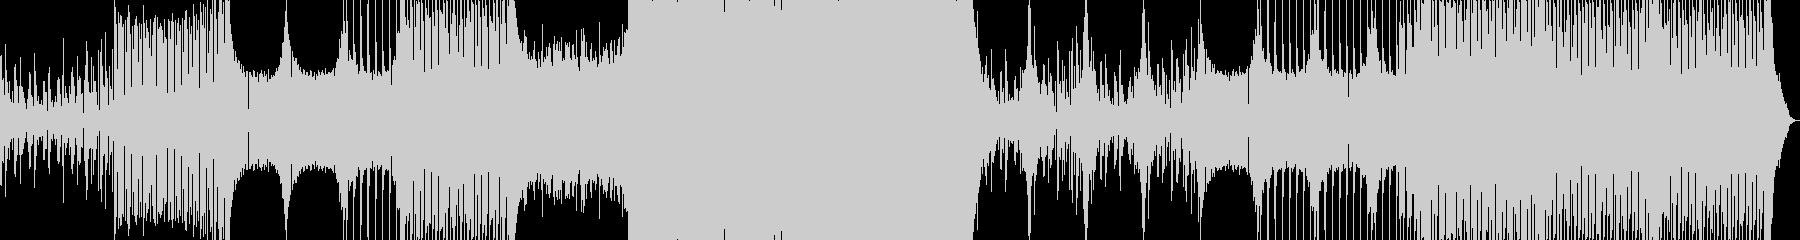 サイバートランスの未再生の波形